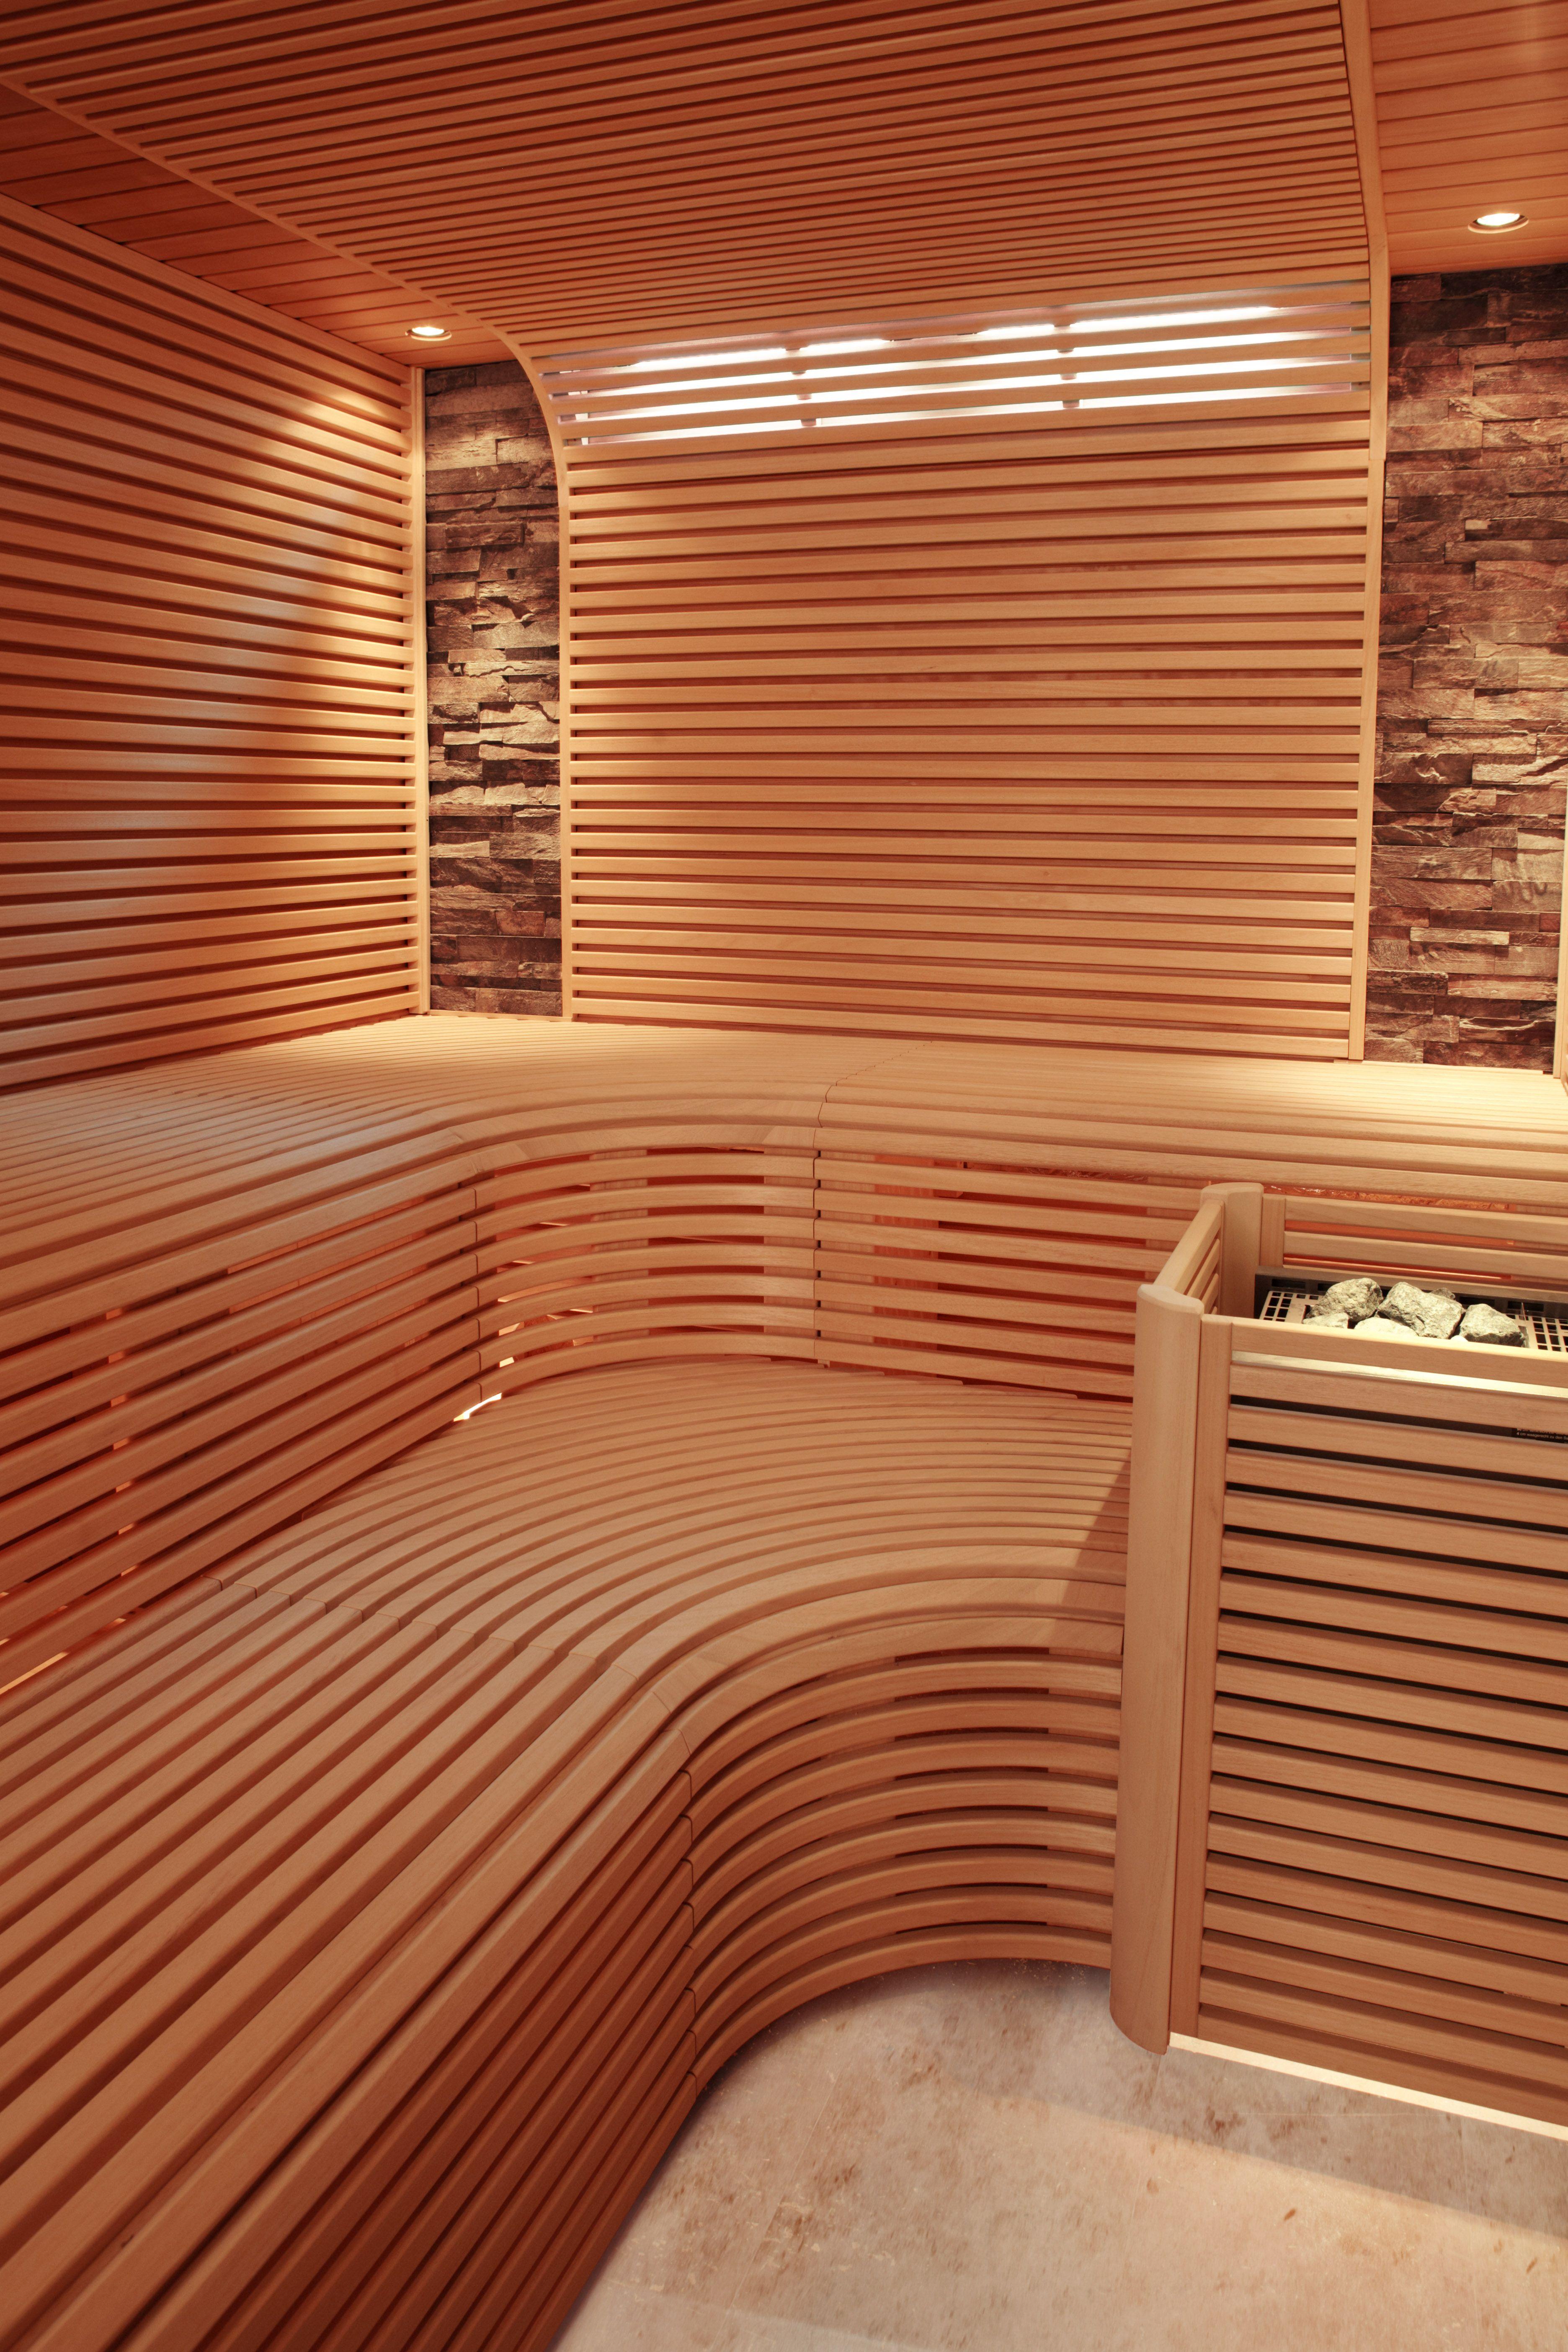 Sauna mit schmalen leisten und zwei steinstreifen an der wand erdmann sauna erdmannsaunabau - Sauna architektur ...